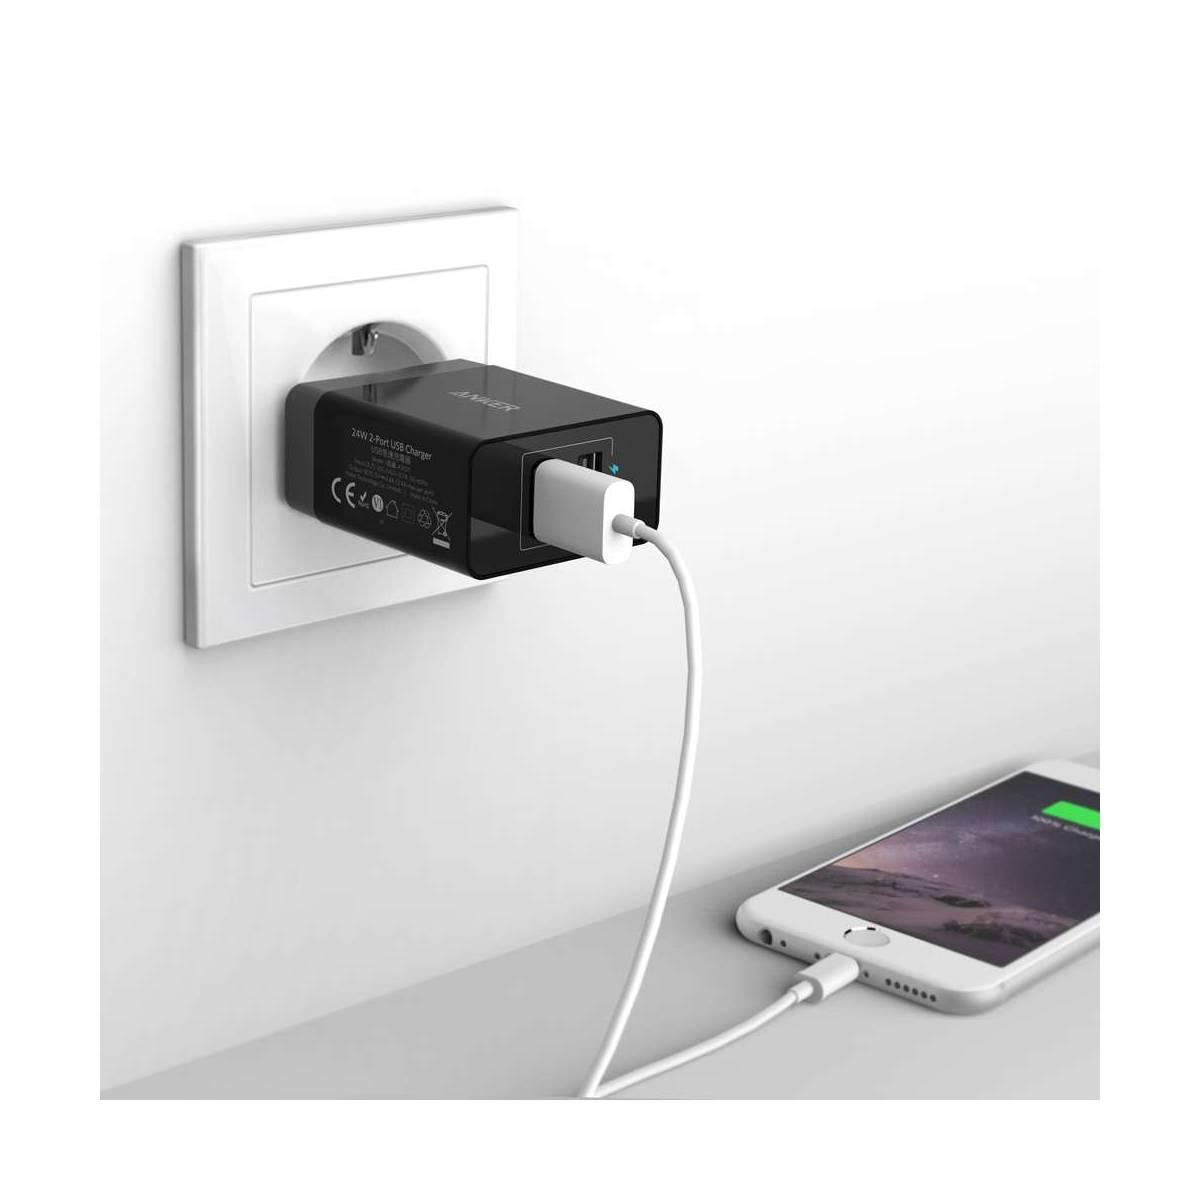 Anker 2x USB väggladdare 24W svart för iPad och iPhone